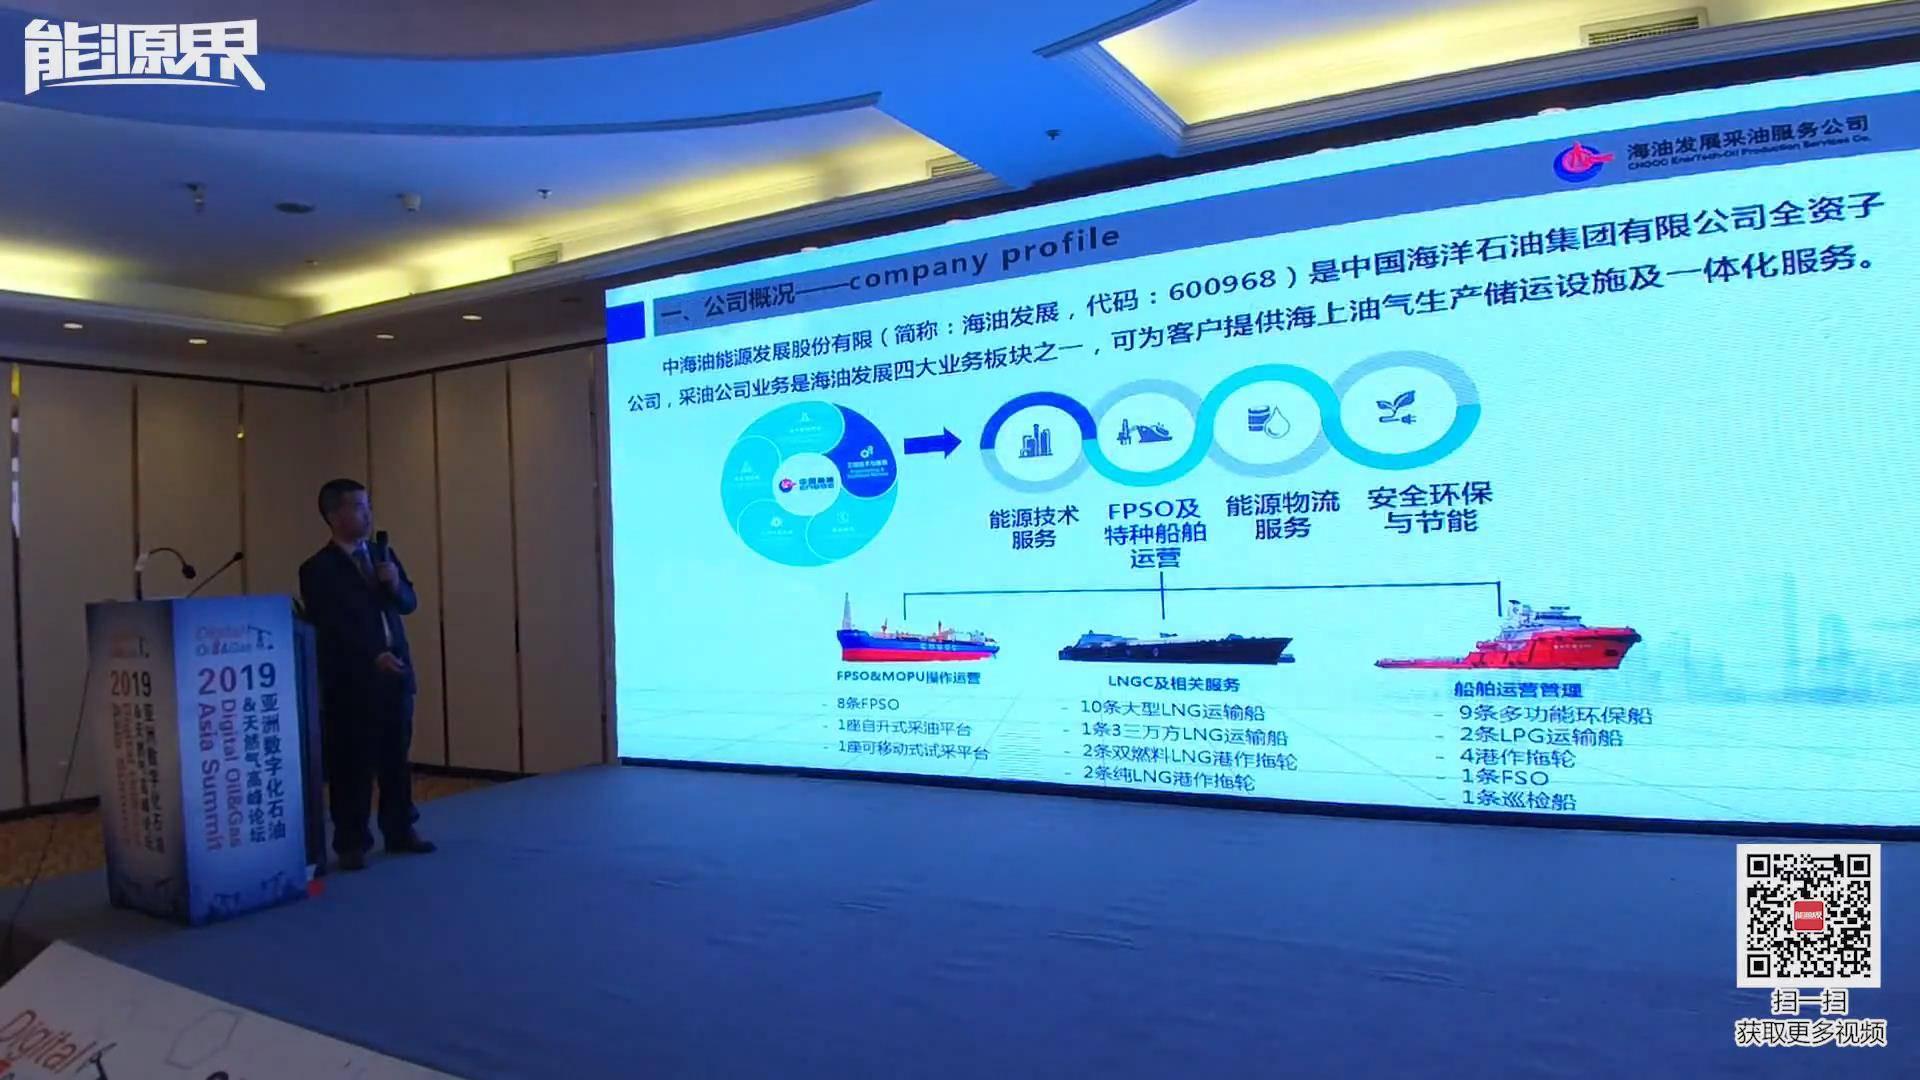 杨波:浅析数字化智能化技术在FPSO生产操作运营中的应用探讨